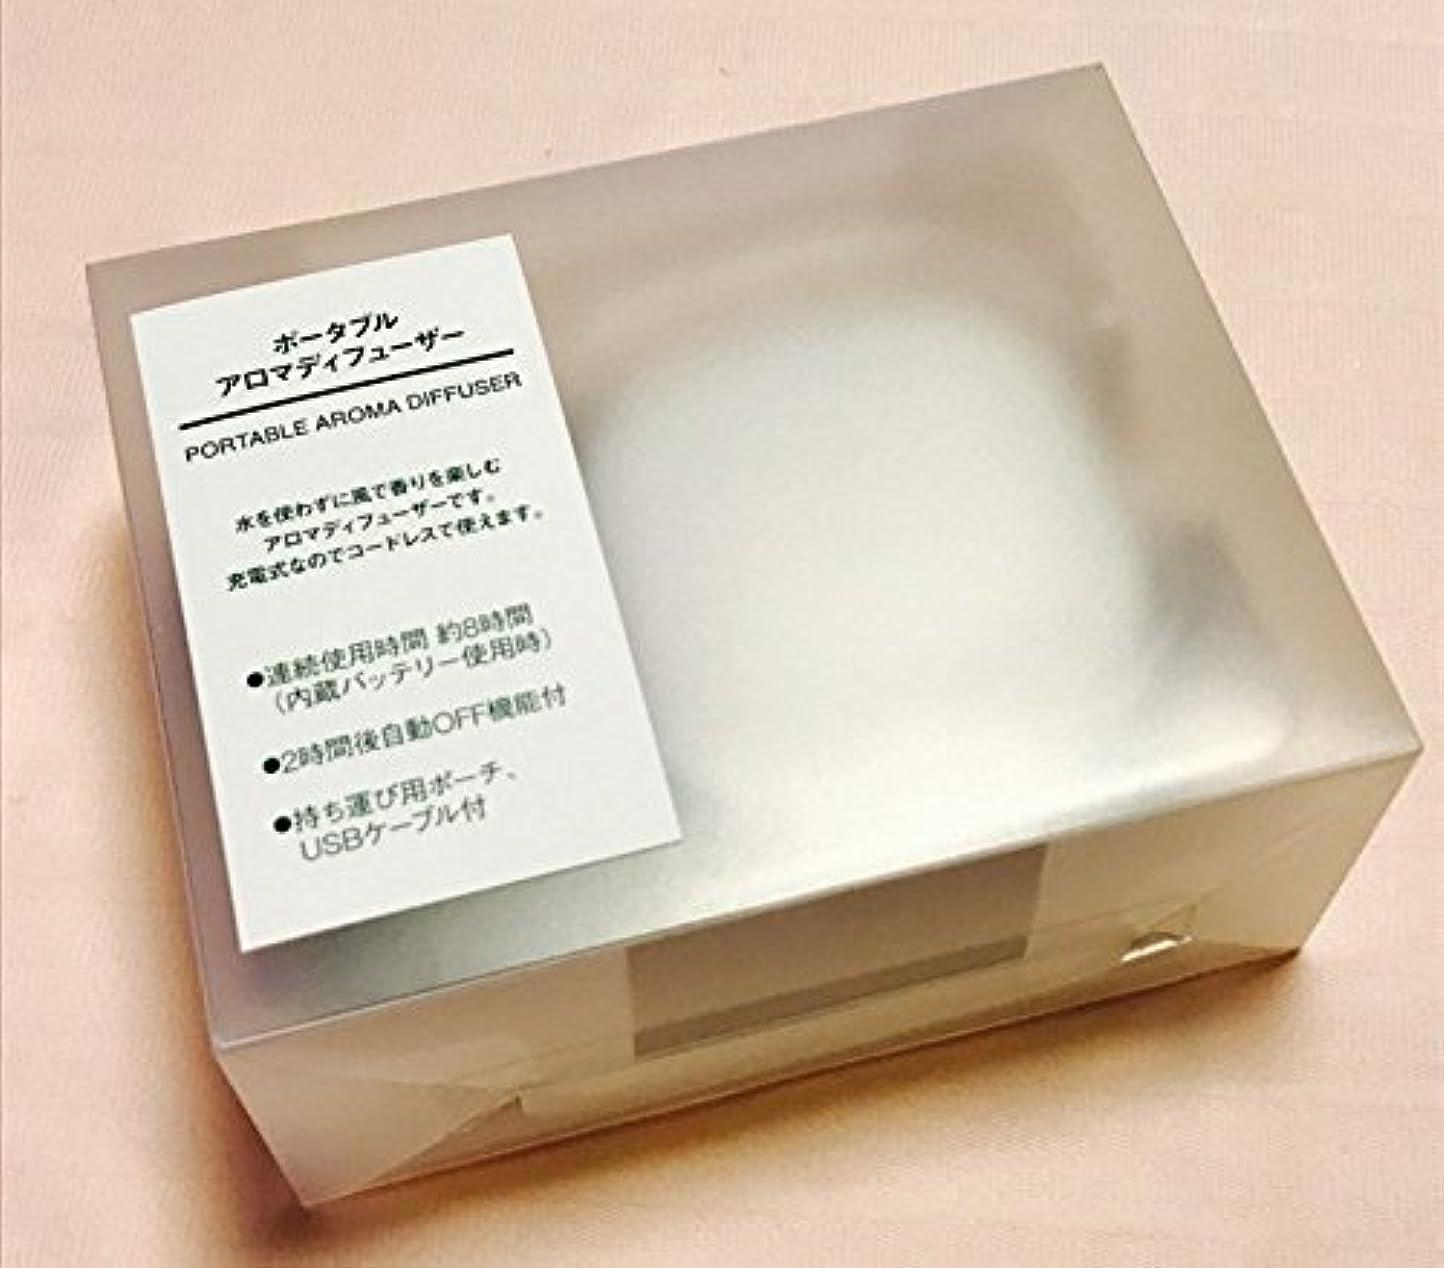 無印良品 ポータブルアロマディフューザー 型番:MJ‐PAD1